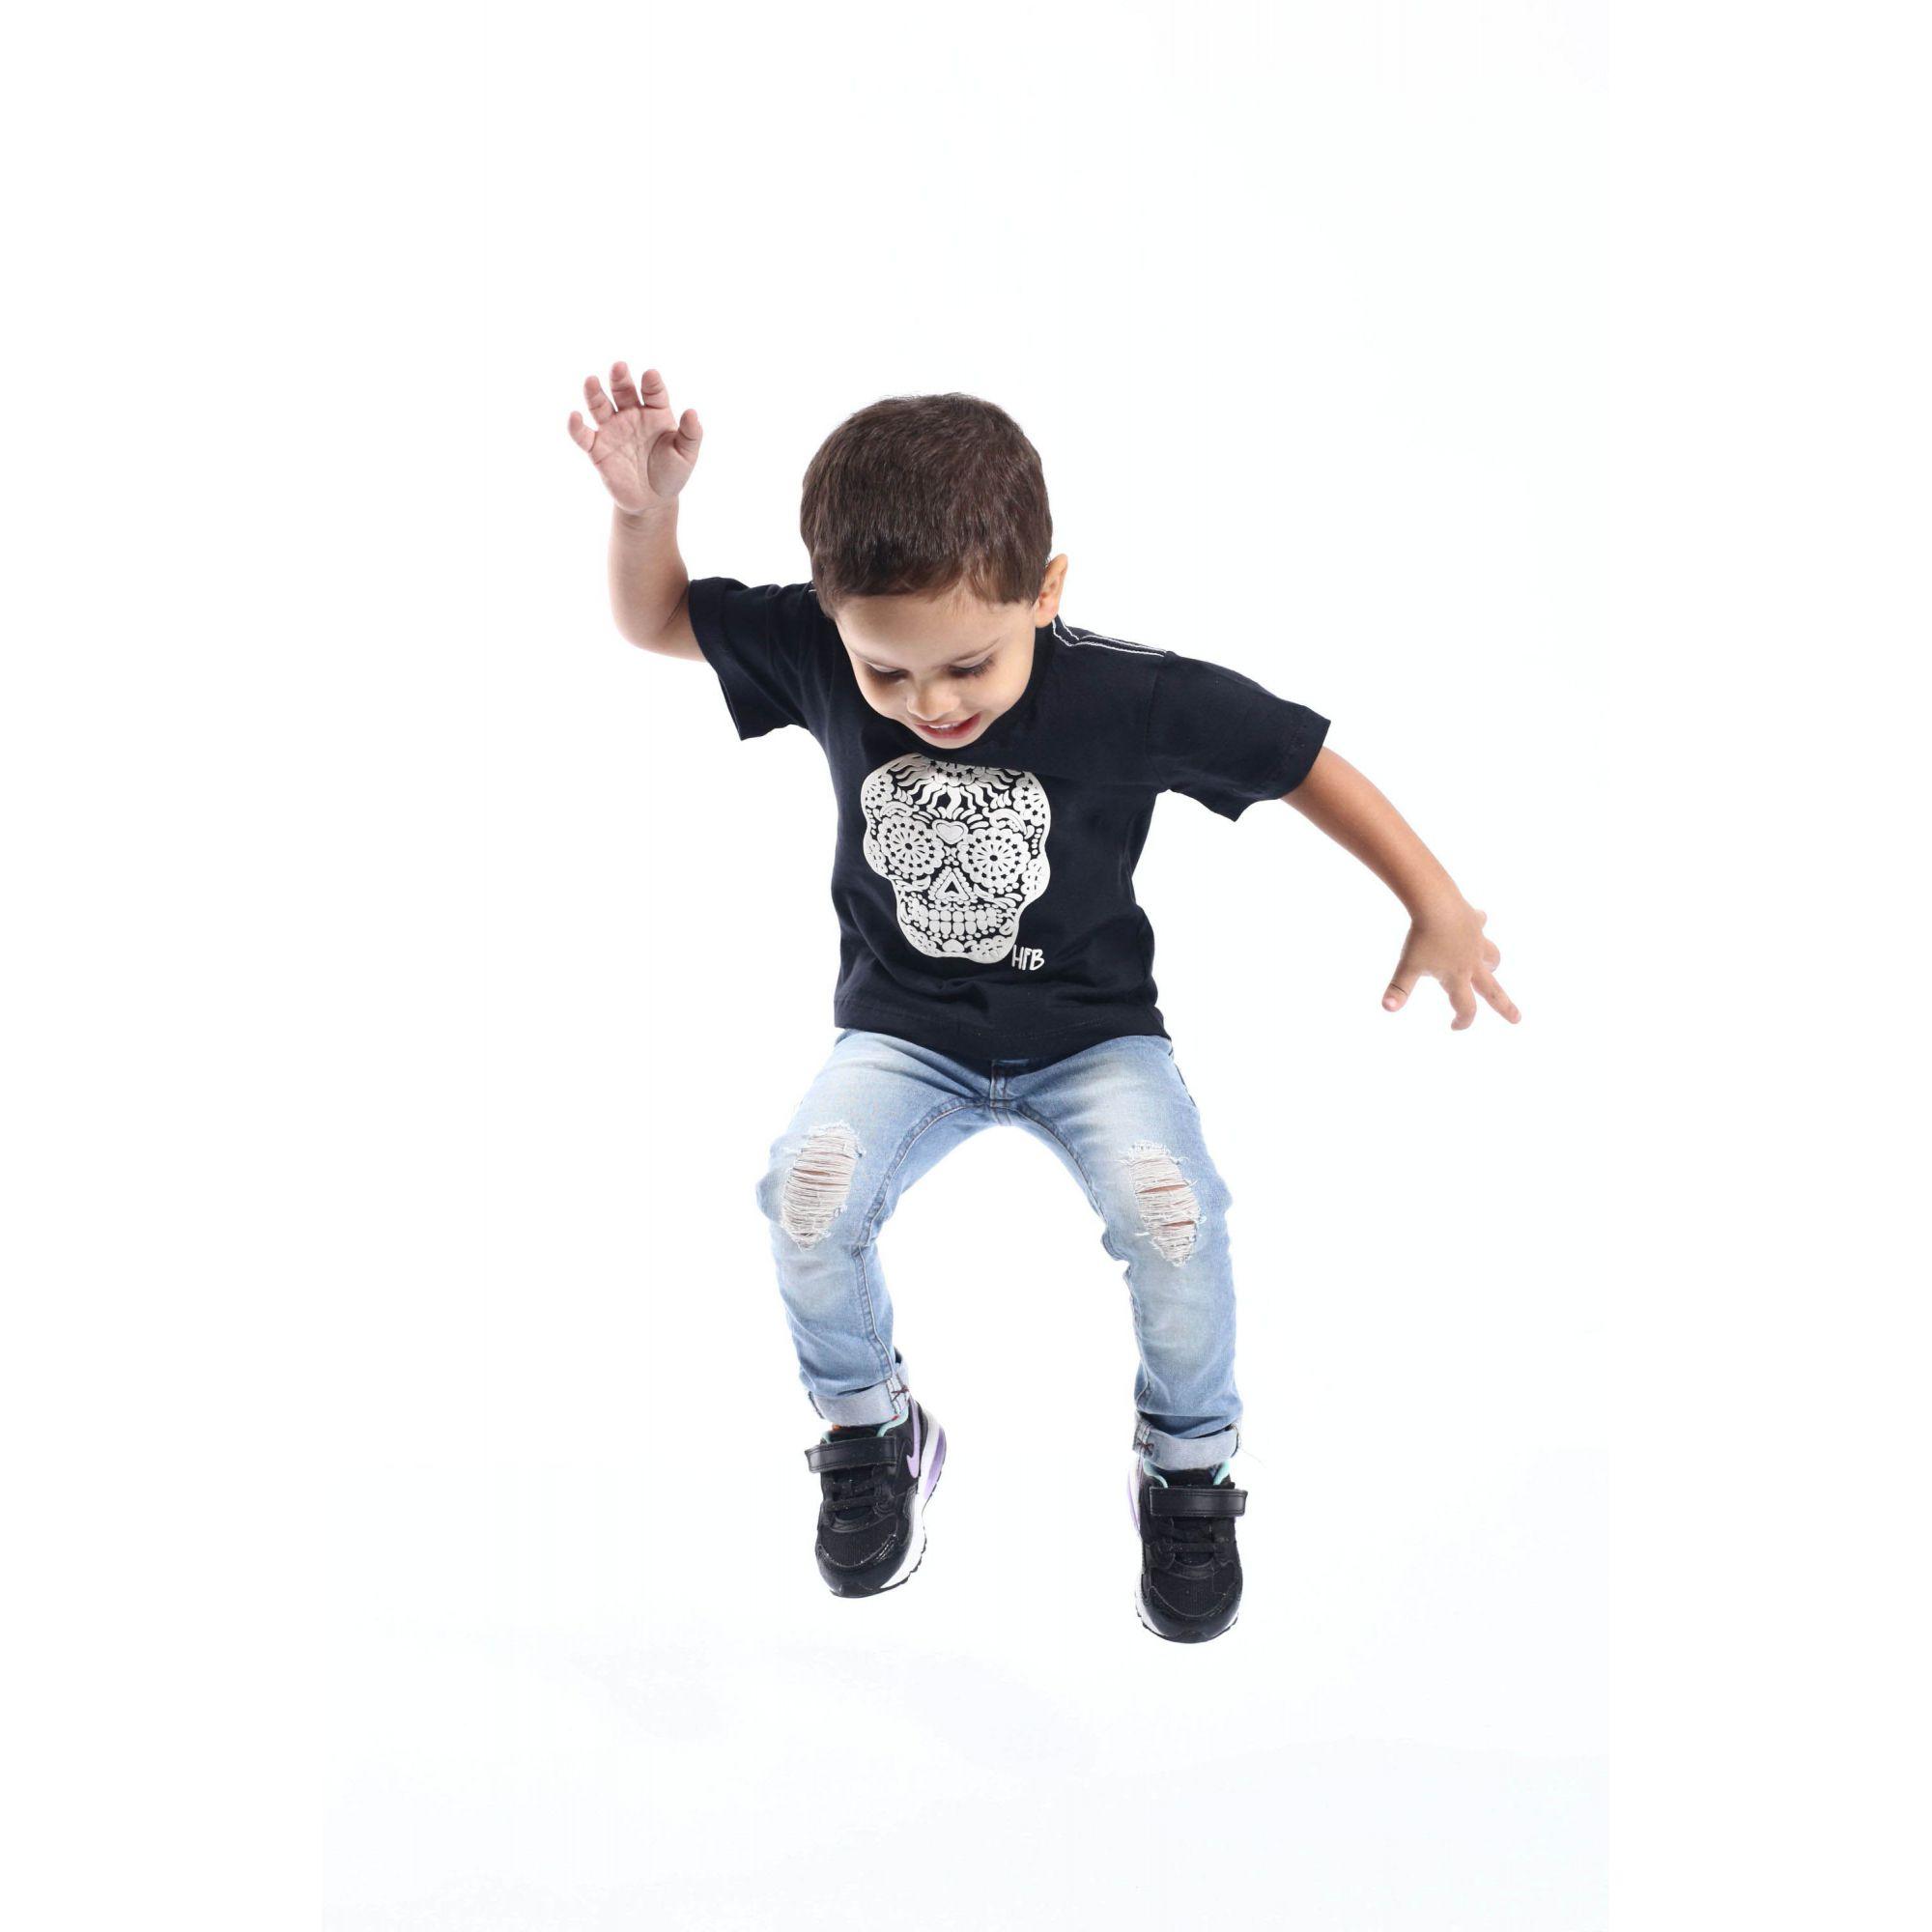 PAIS E FILHOS > Kit 3 peças Camisetas Pretas Caveira Alto Relevo [Coleção Família]  - Heitor Fashion Brazil